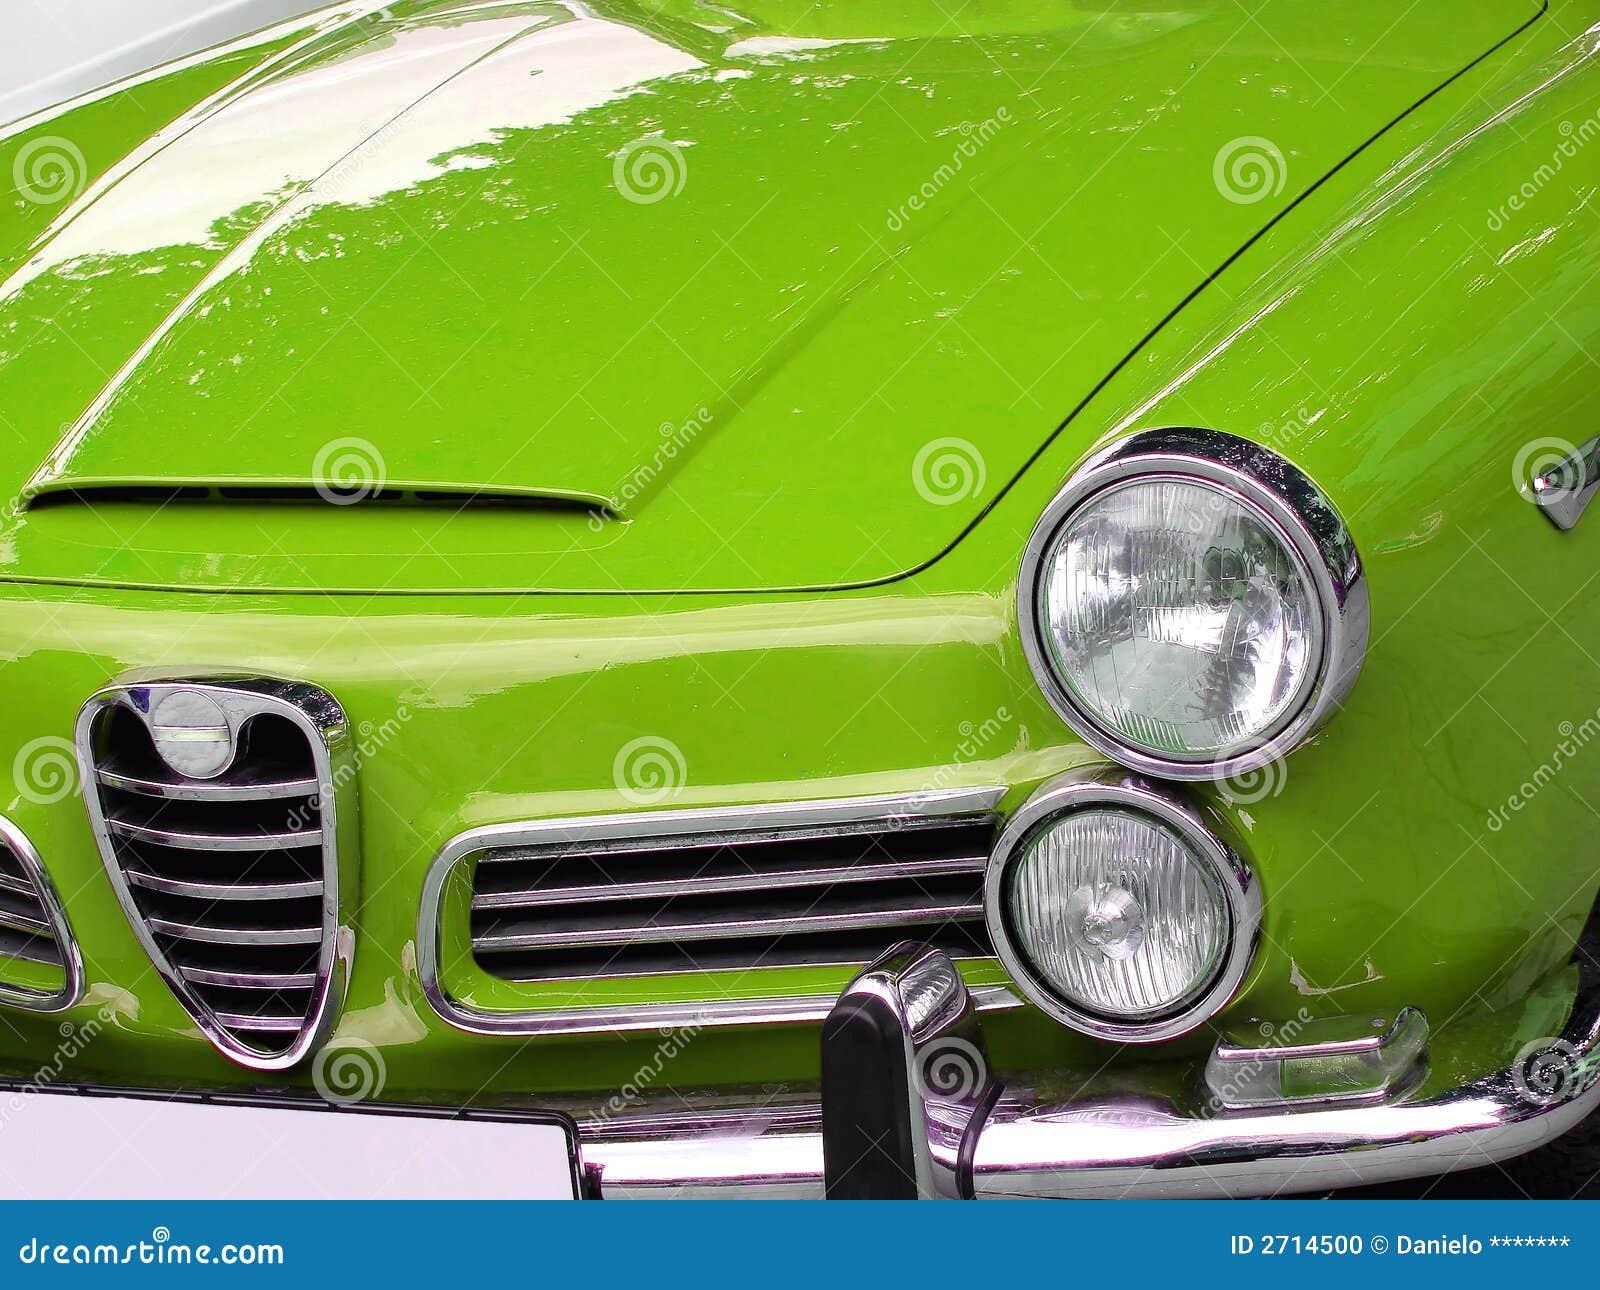 Green italian car